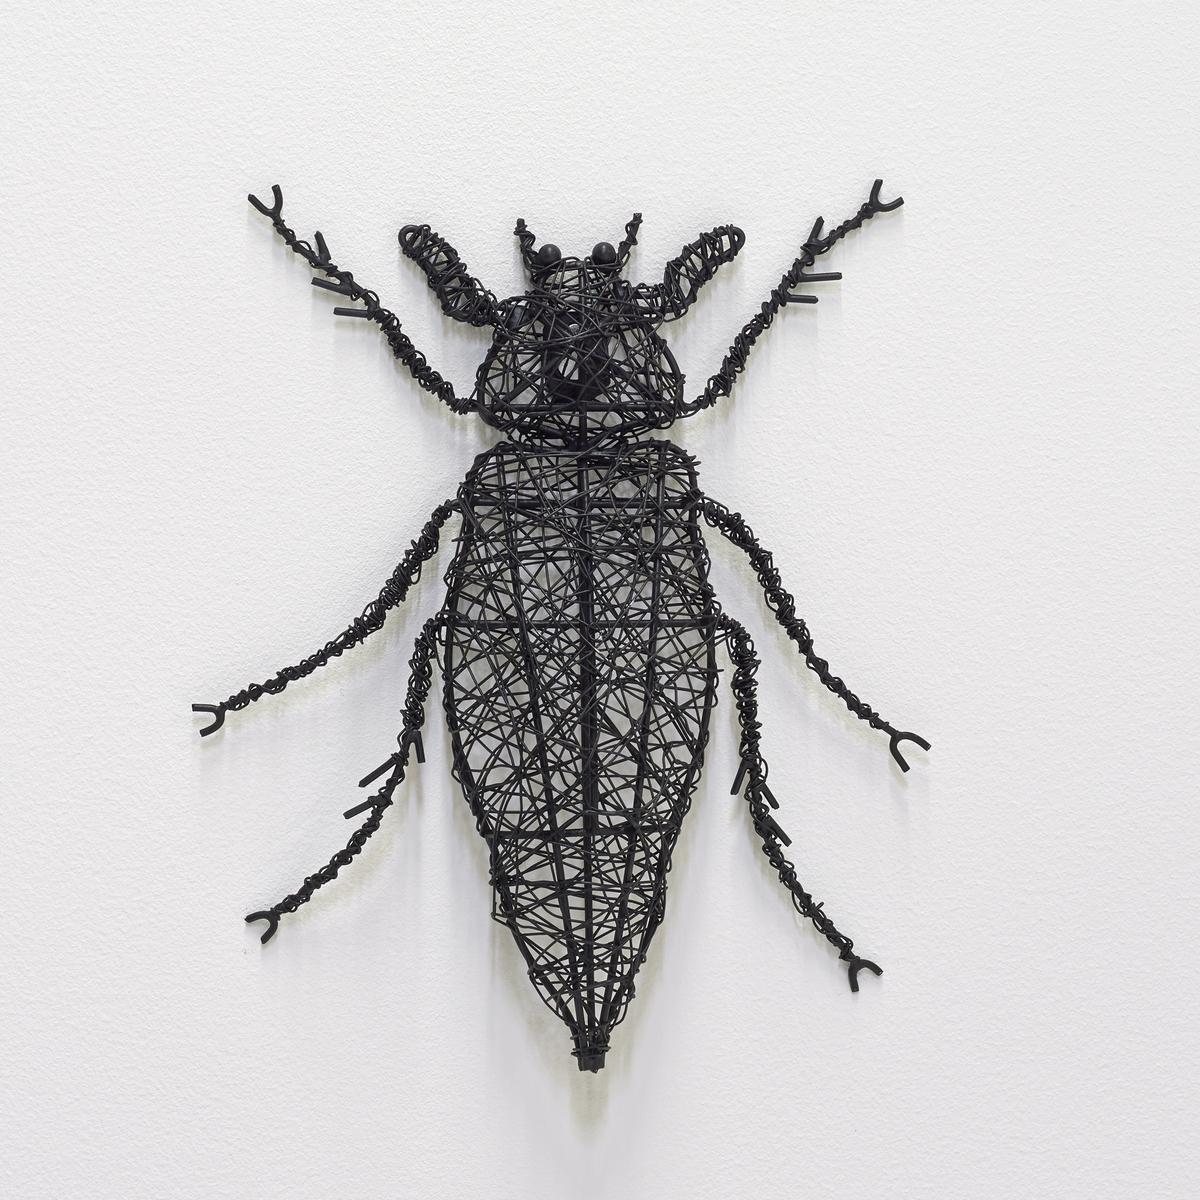 Насекомое металлическое MichiМайский жук.Из чёрного металла.Можно поставить или прикрепить на стену.Размеры:. 22 x 30 x 3 см.<br><br>Цвет: металл черный<br>Размер: единый размер